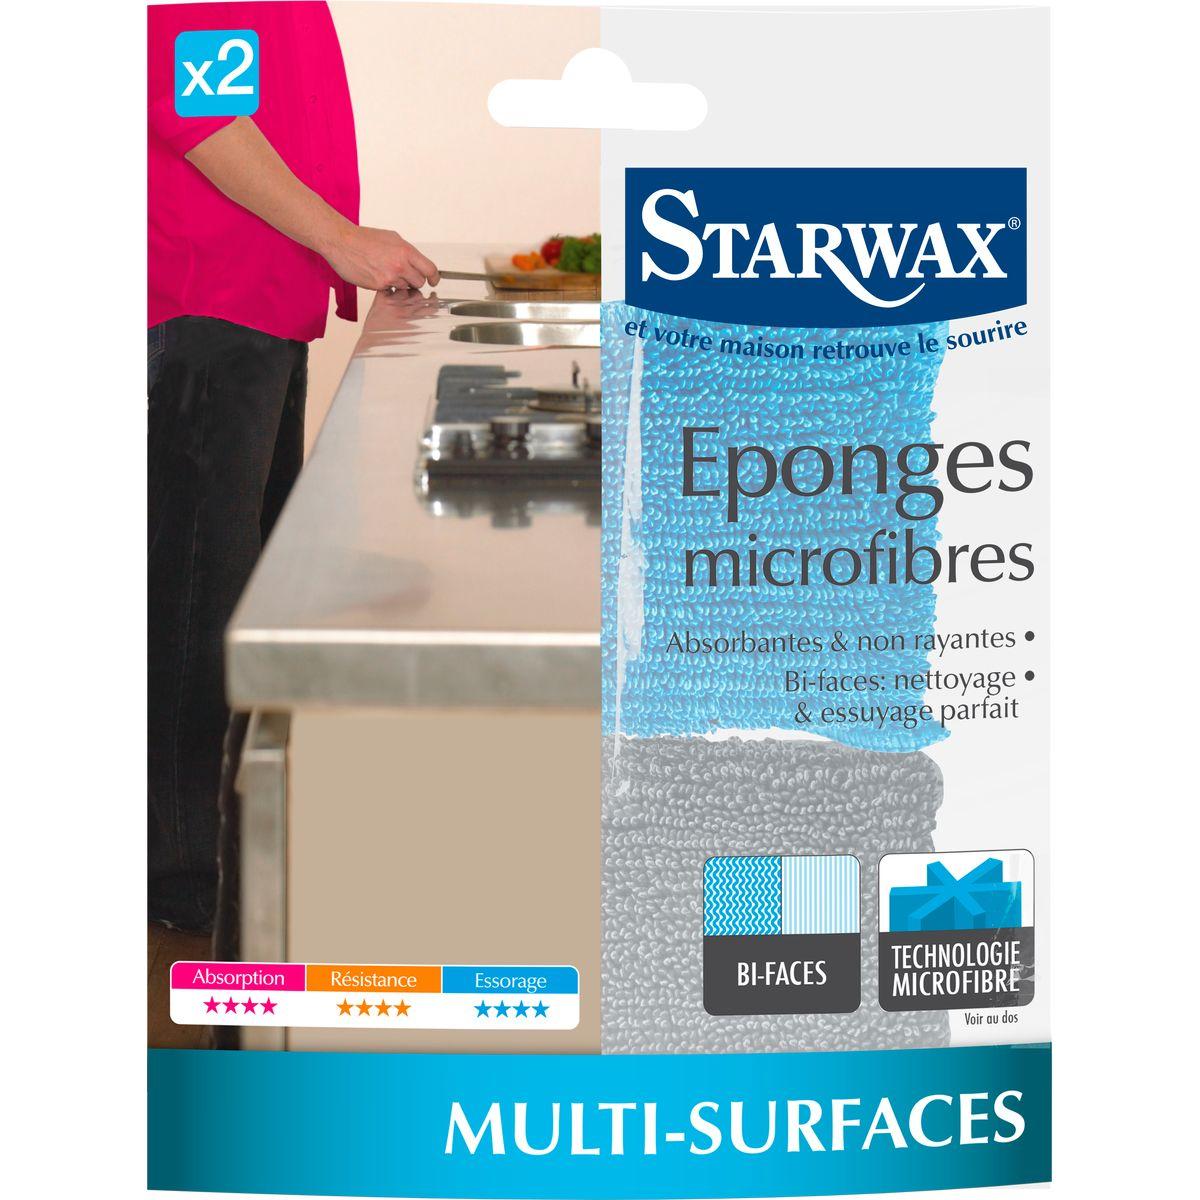 2 éponges microfibre - Starwax